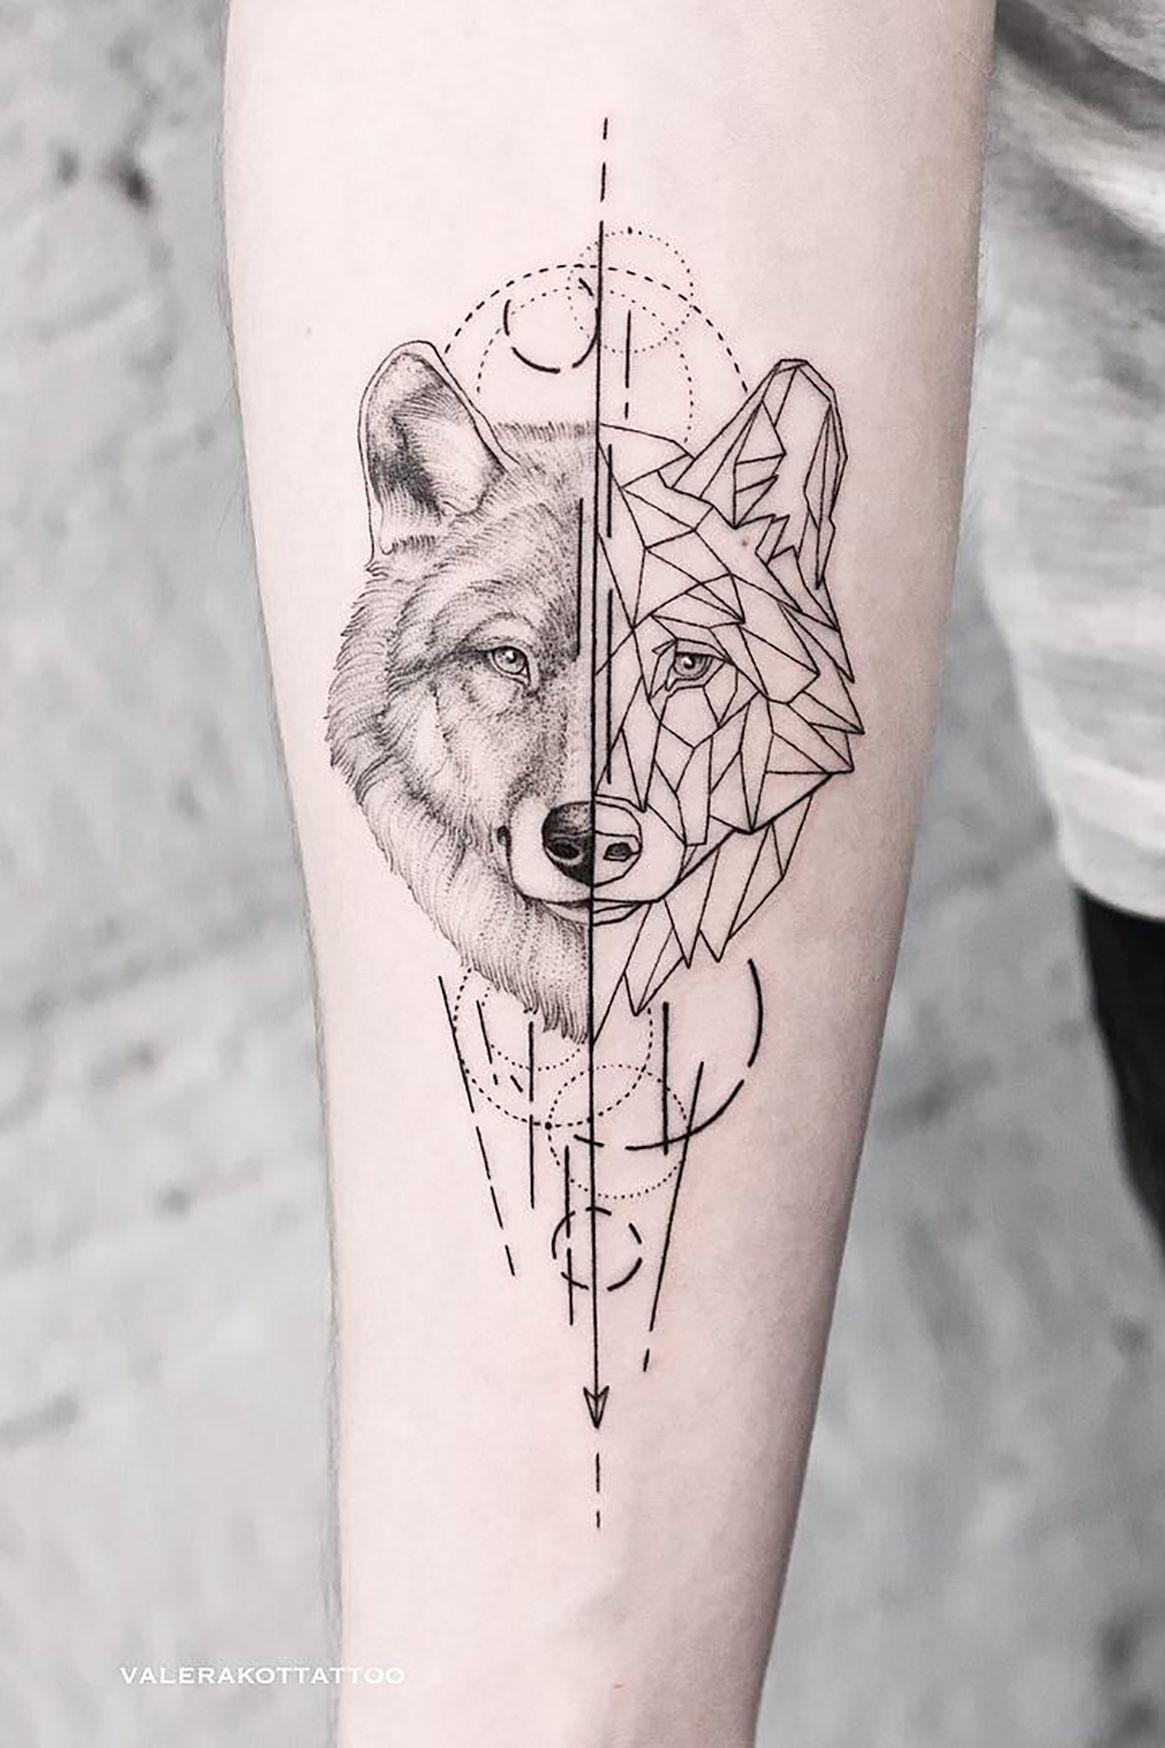 Tattoos Zhivotnye Stil Grafika I Geometriya Bolshe Tatu I Eskizov V Moem Instagram Zahodi Geometric Tattoo Geometric Wolf Tattoo Tattoos For Guys